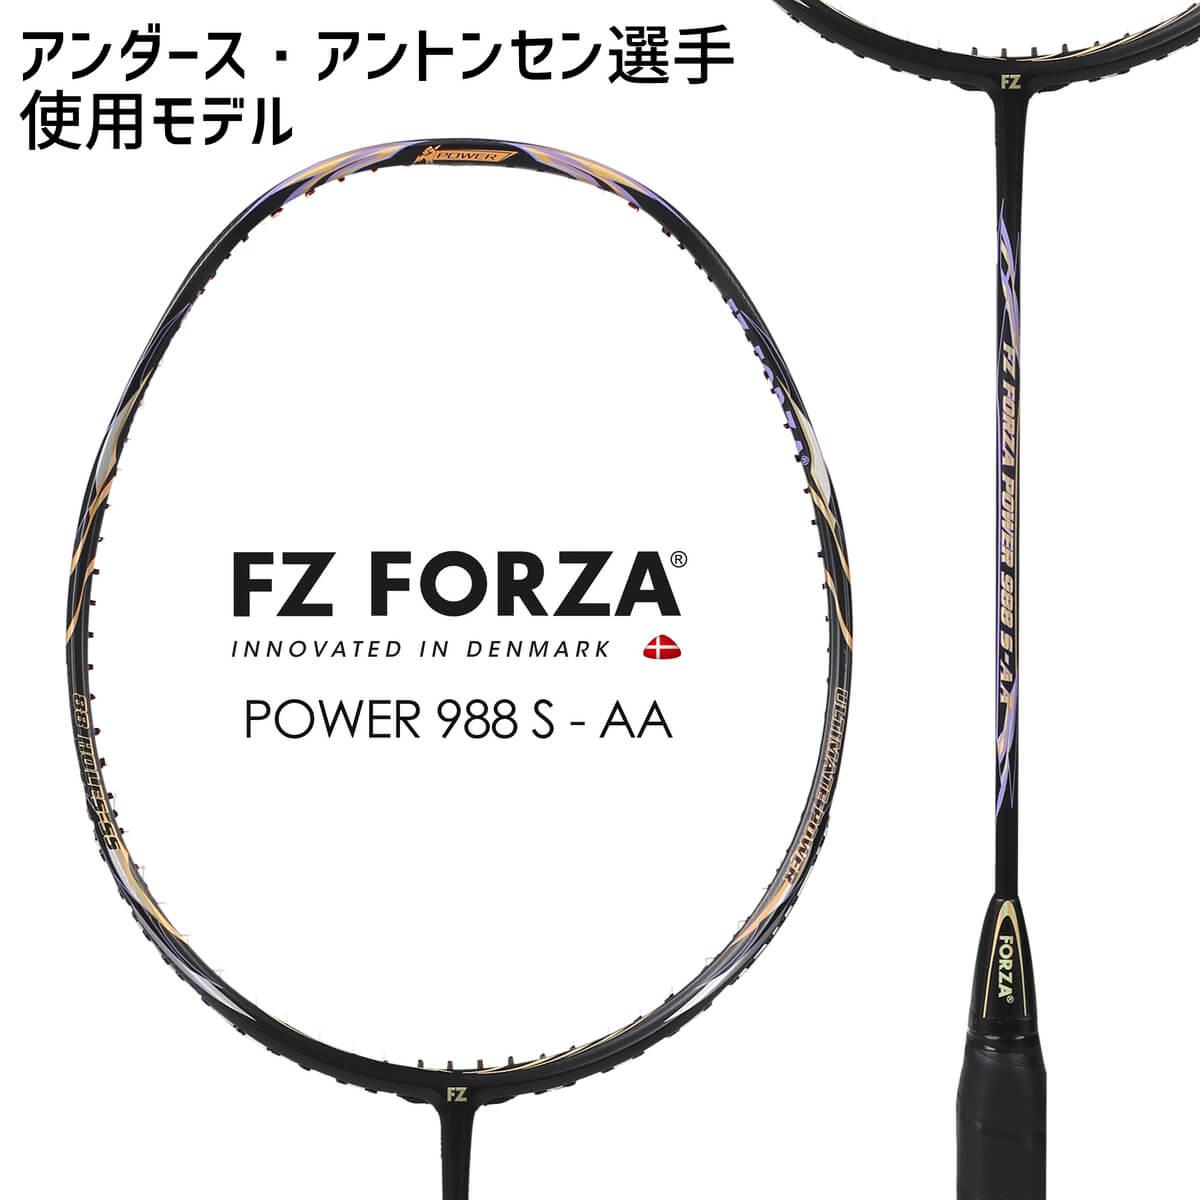 FZ FORZA POWER 988S-AA(アンダース・アントンセン使用モデル) P988S-AA バドミントンラケット フォーザ【数量限定/ オススメガット&ガット張り工賃無料】